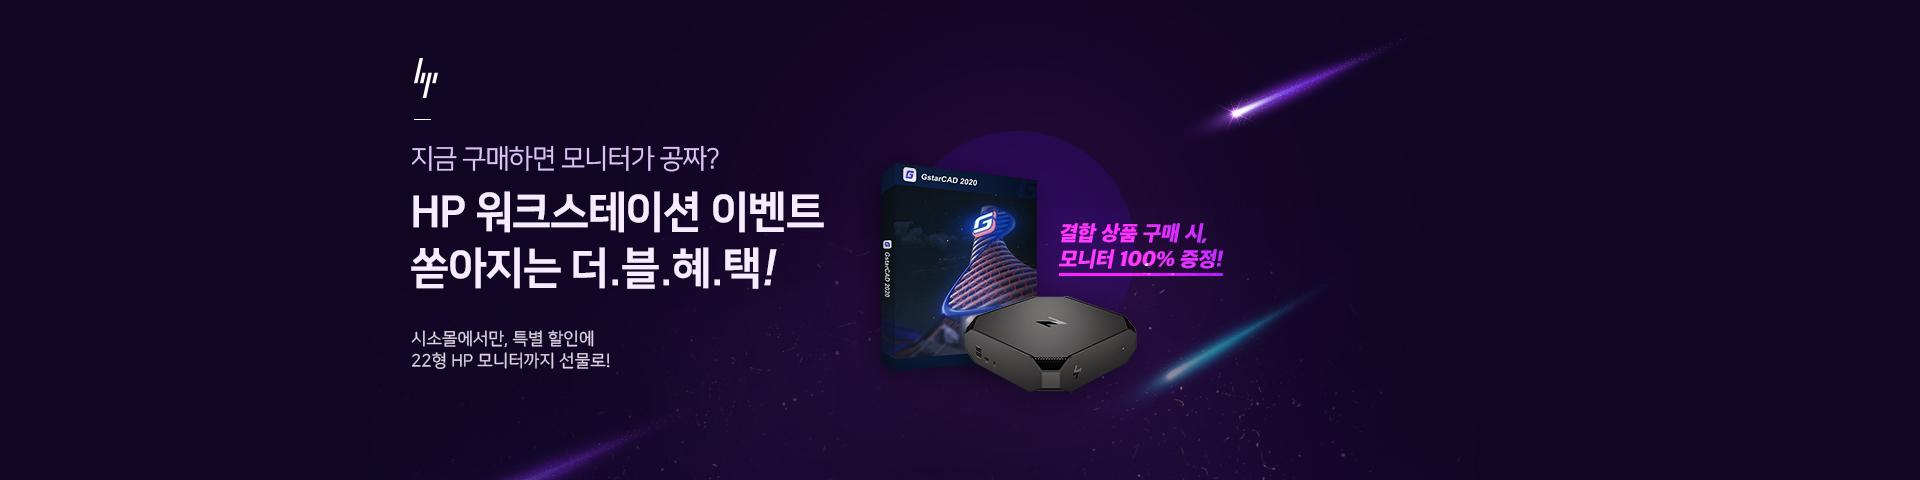 [HP]워크스테이션 구매 사은품 이벤트